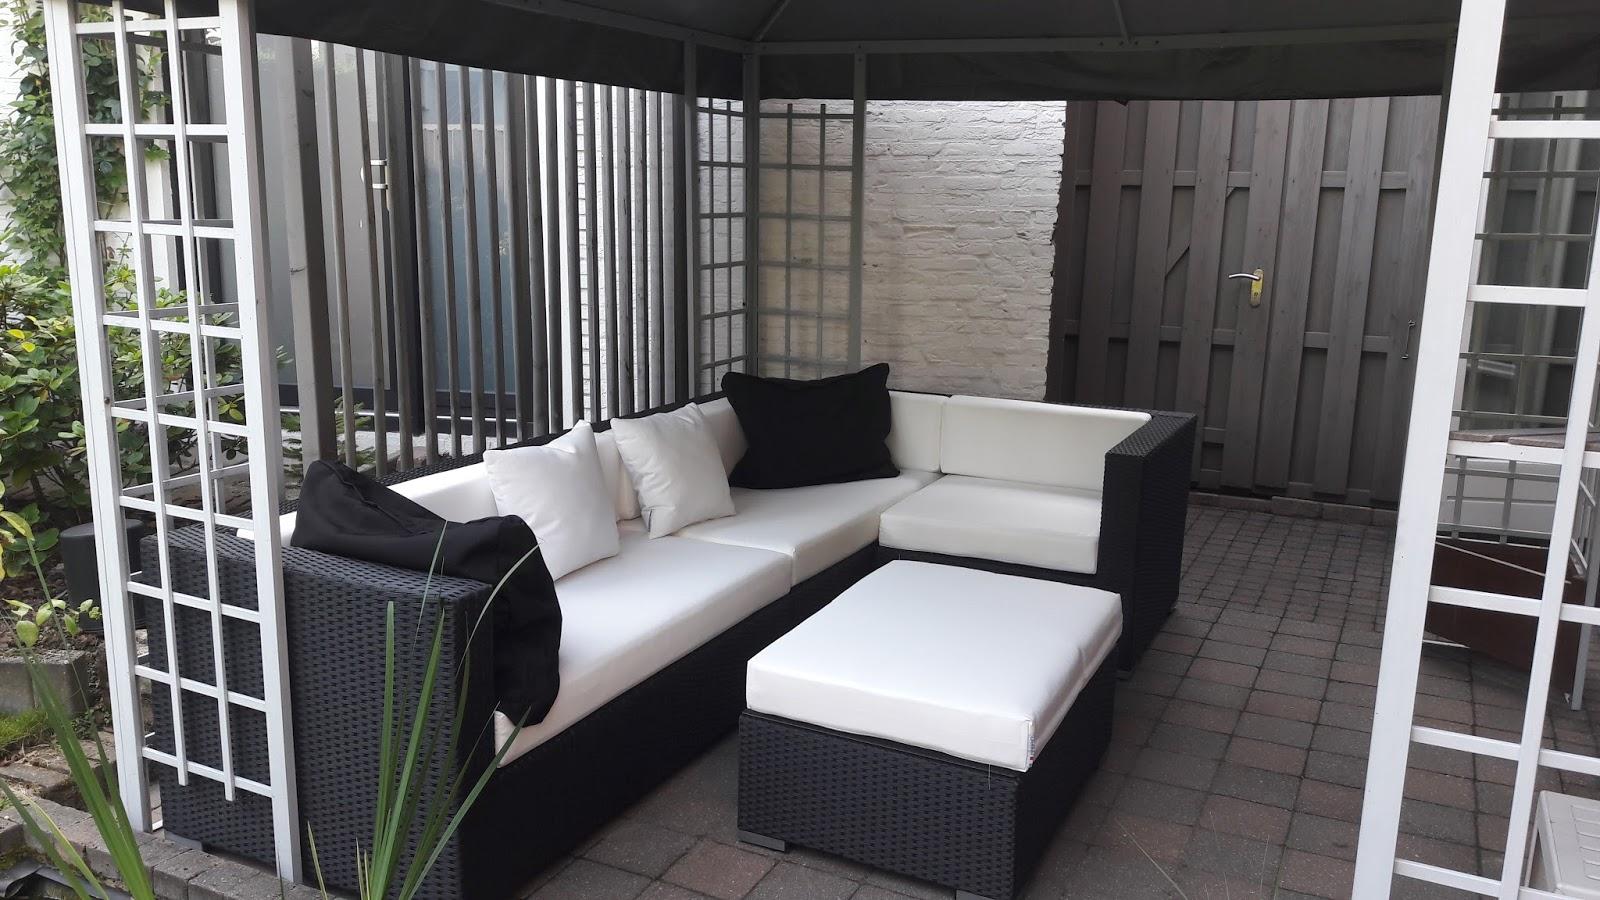 Arbrini design tuinmeubelen - Moderne zwart witte lounge ...